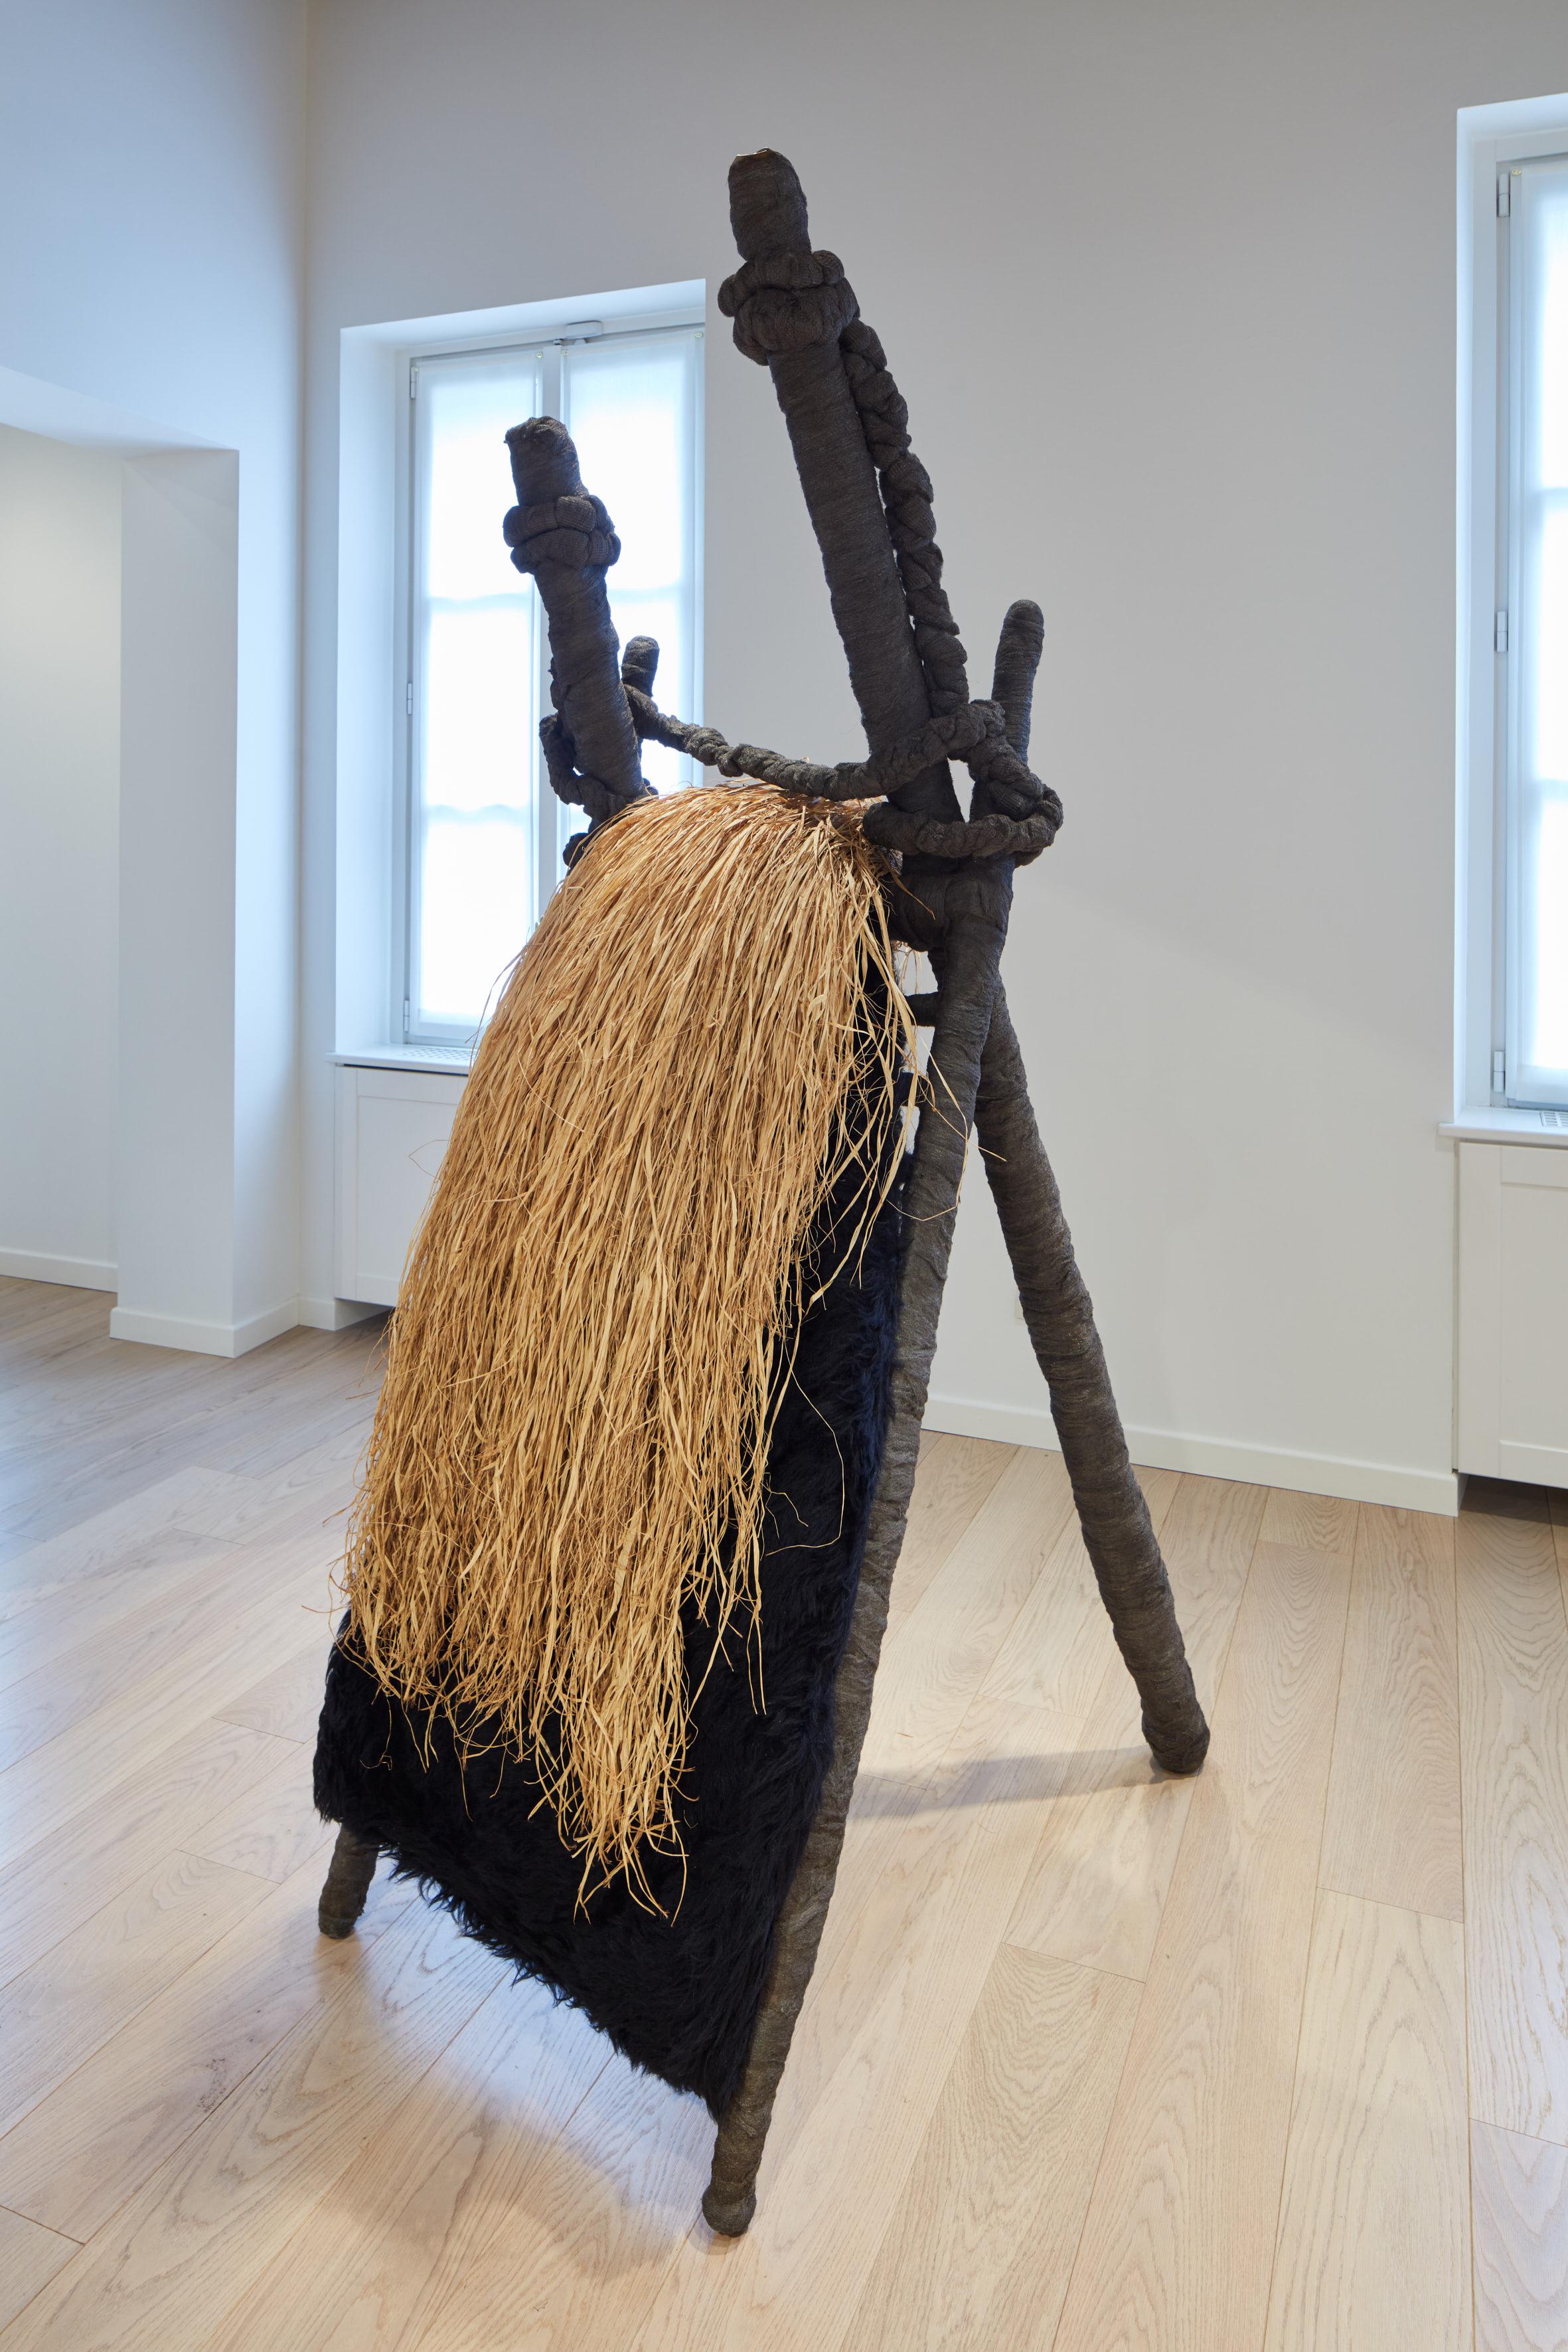 Pino Pascali Senza titolo (Cavalletto), 1968 Galleria Nazionale d'Arte Moderna e Contemporanea, Roma Ph. Agostino Osio